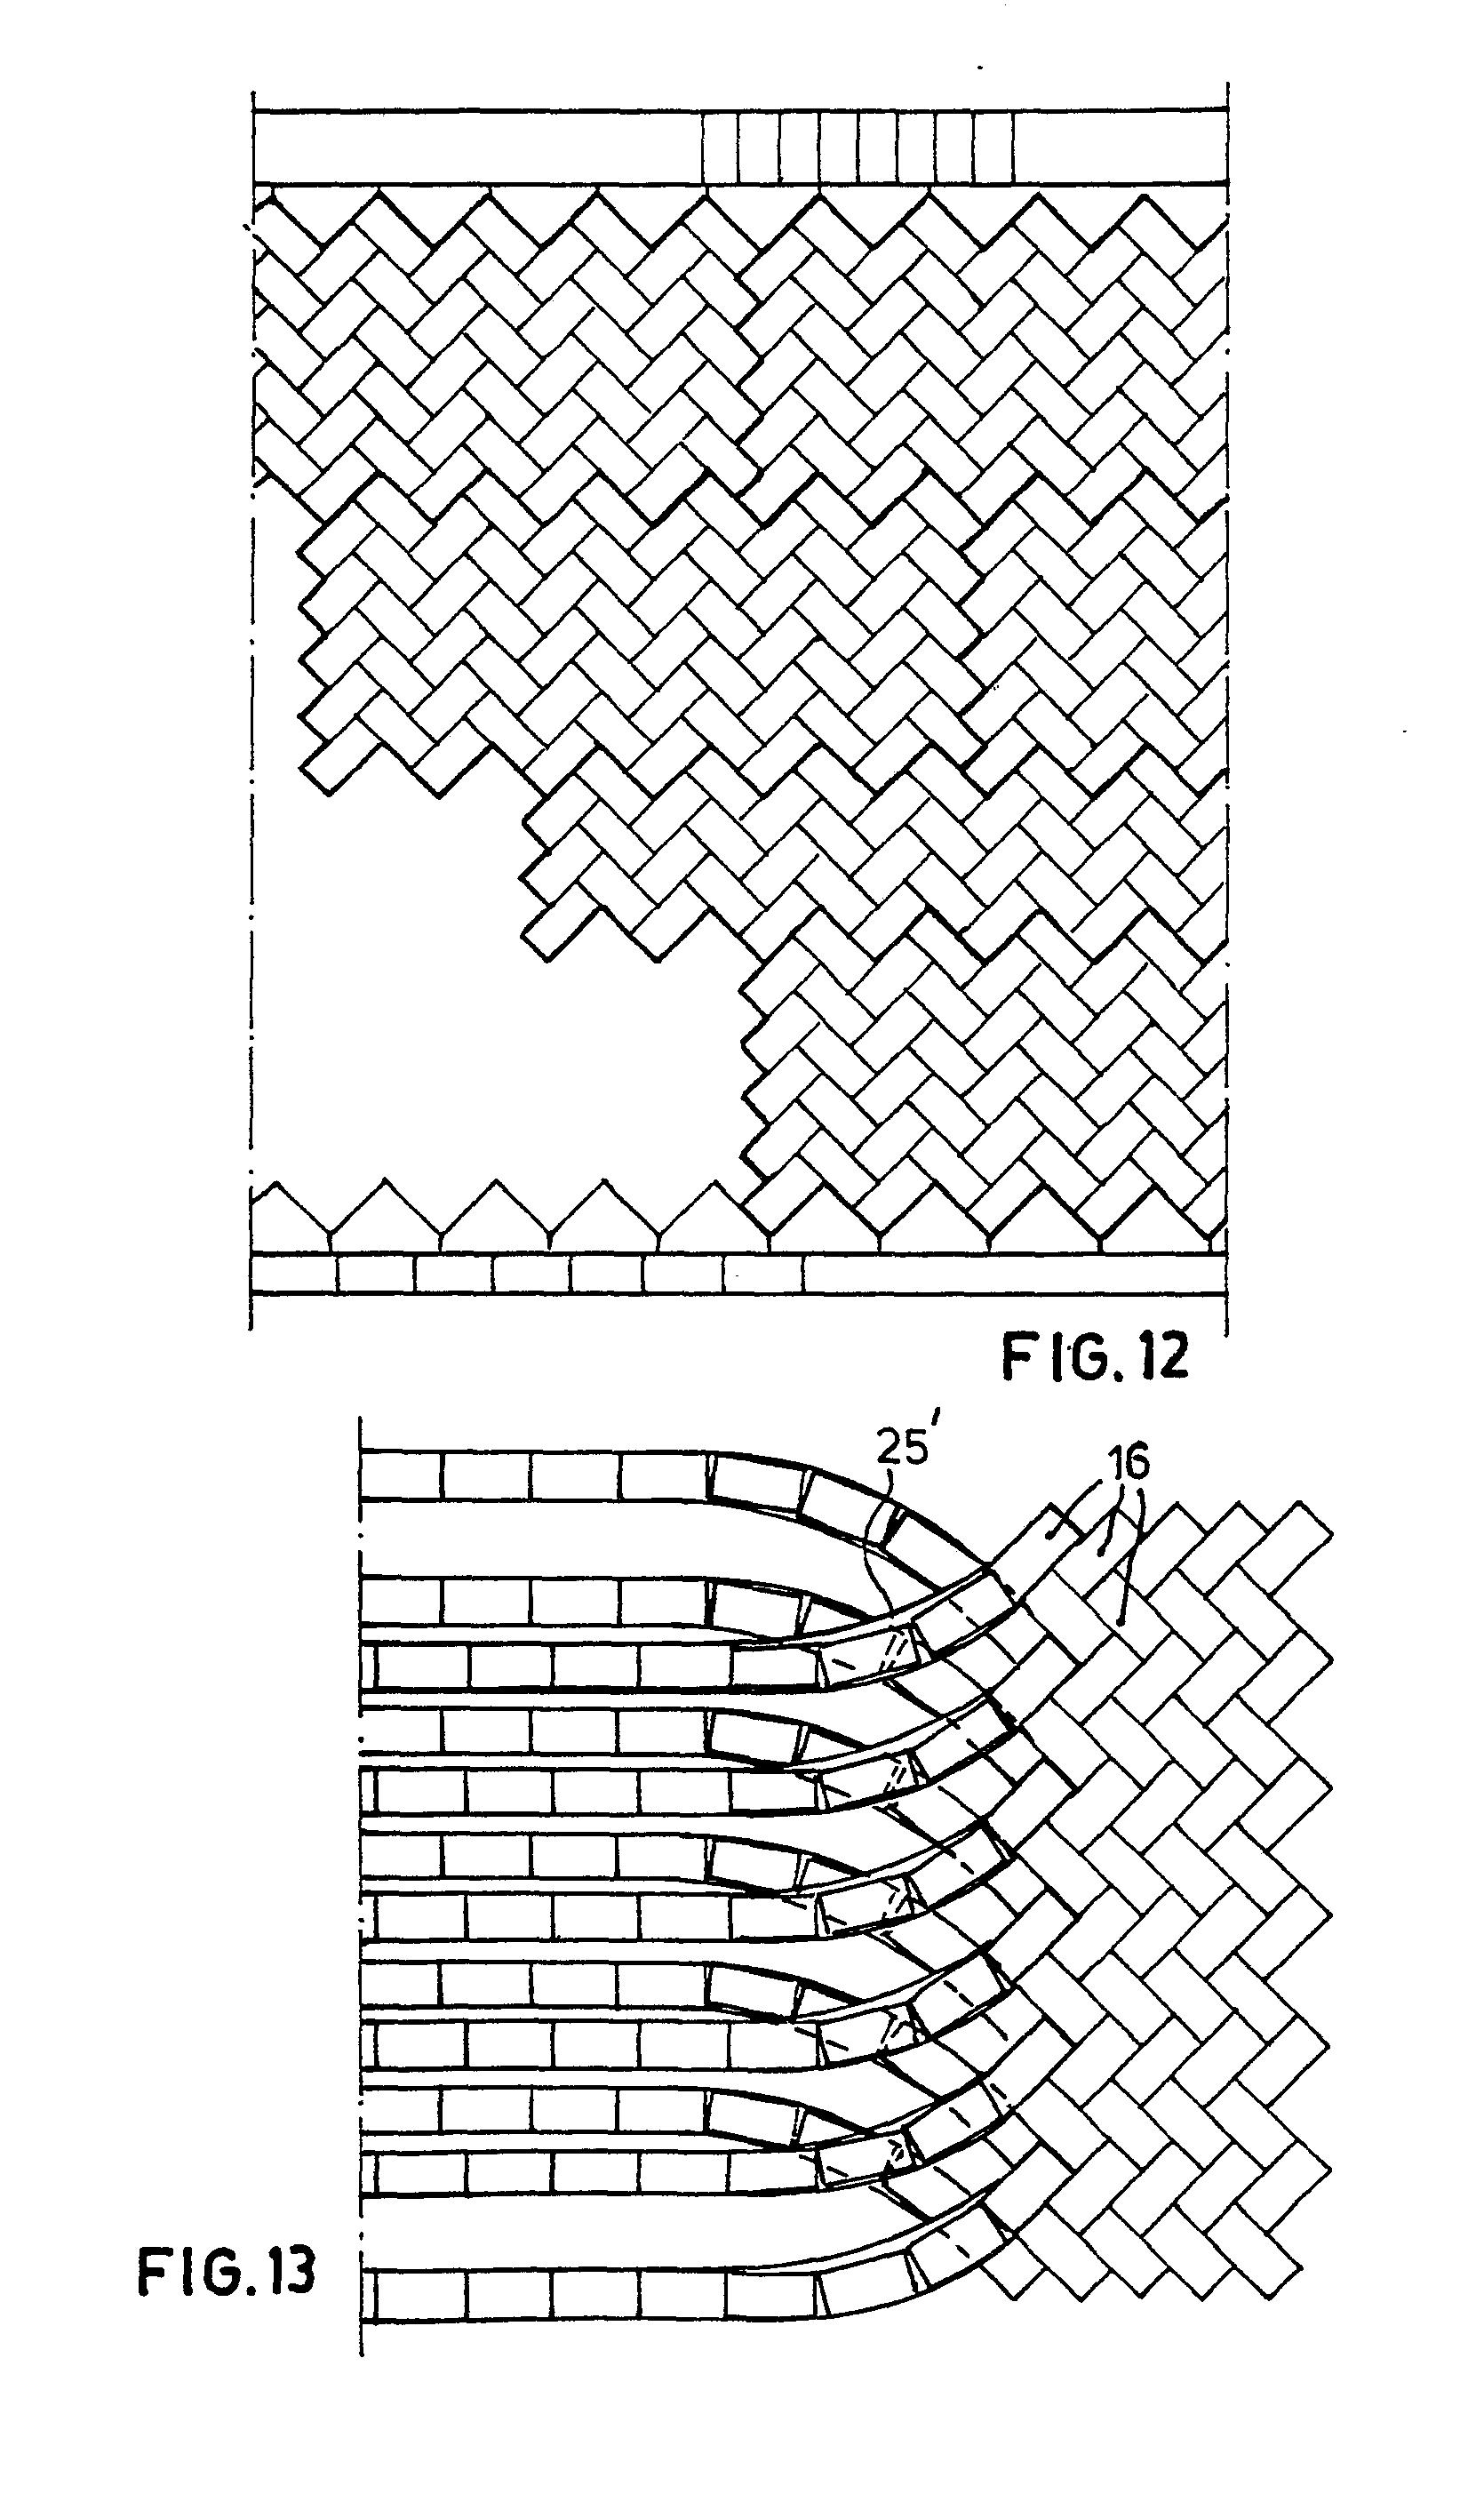 patent ep0164146b1 verfahren f r das mechanische. Black Bedroom Furniture Sets. Home Design Ideas